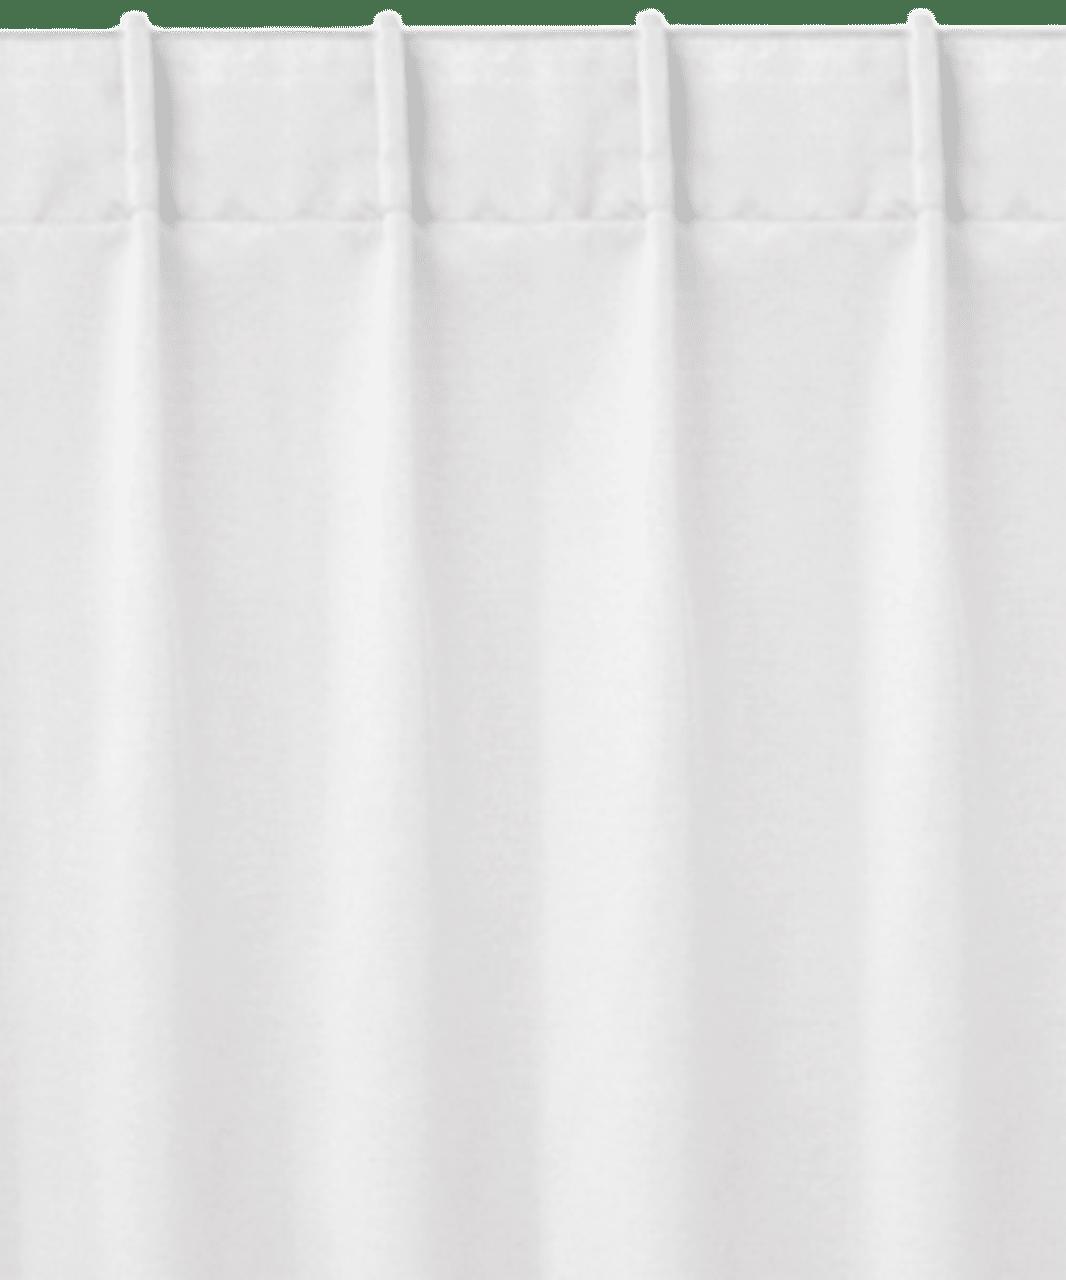 Décoration   Rideau Tête à Plis Simples Sur Mesure Linvosges Hôtellerie